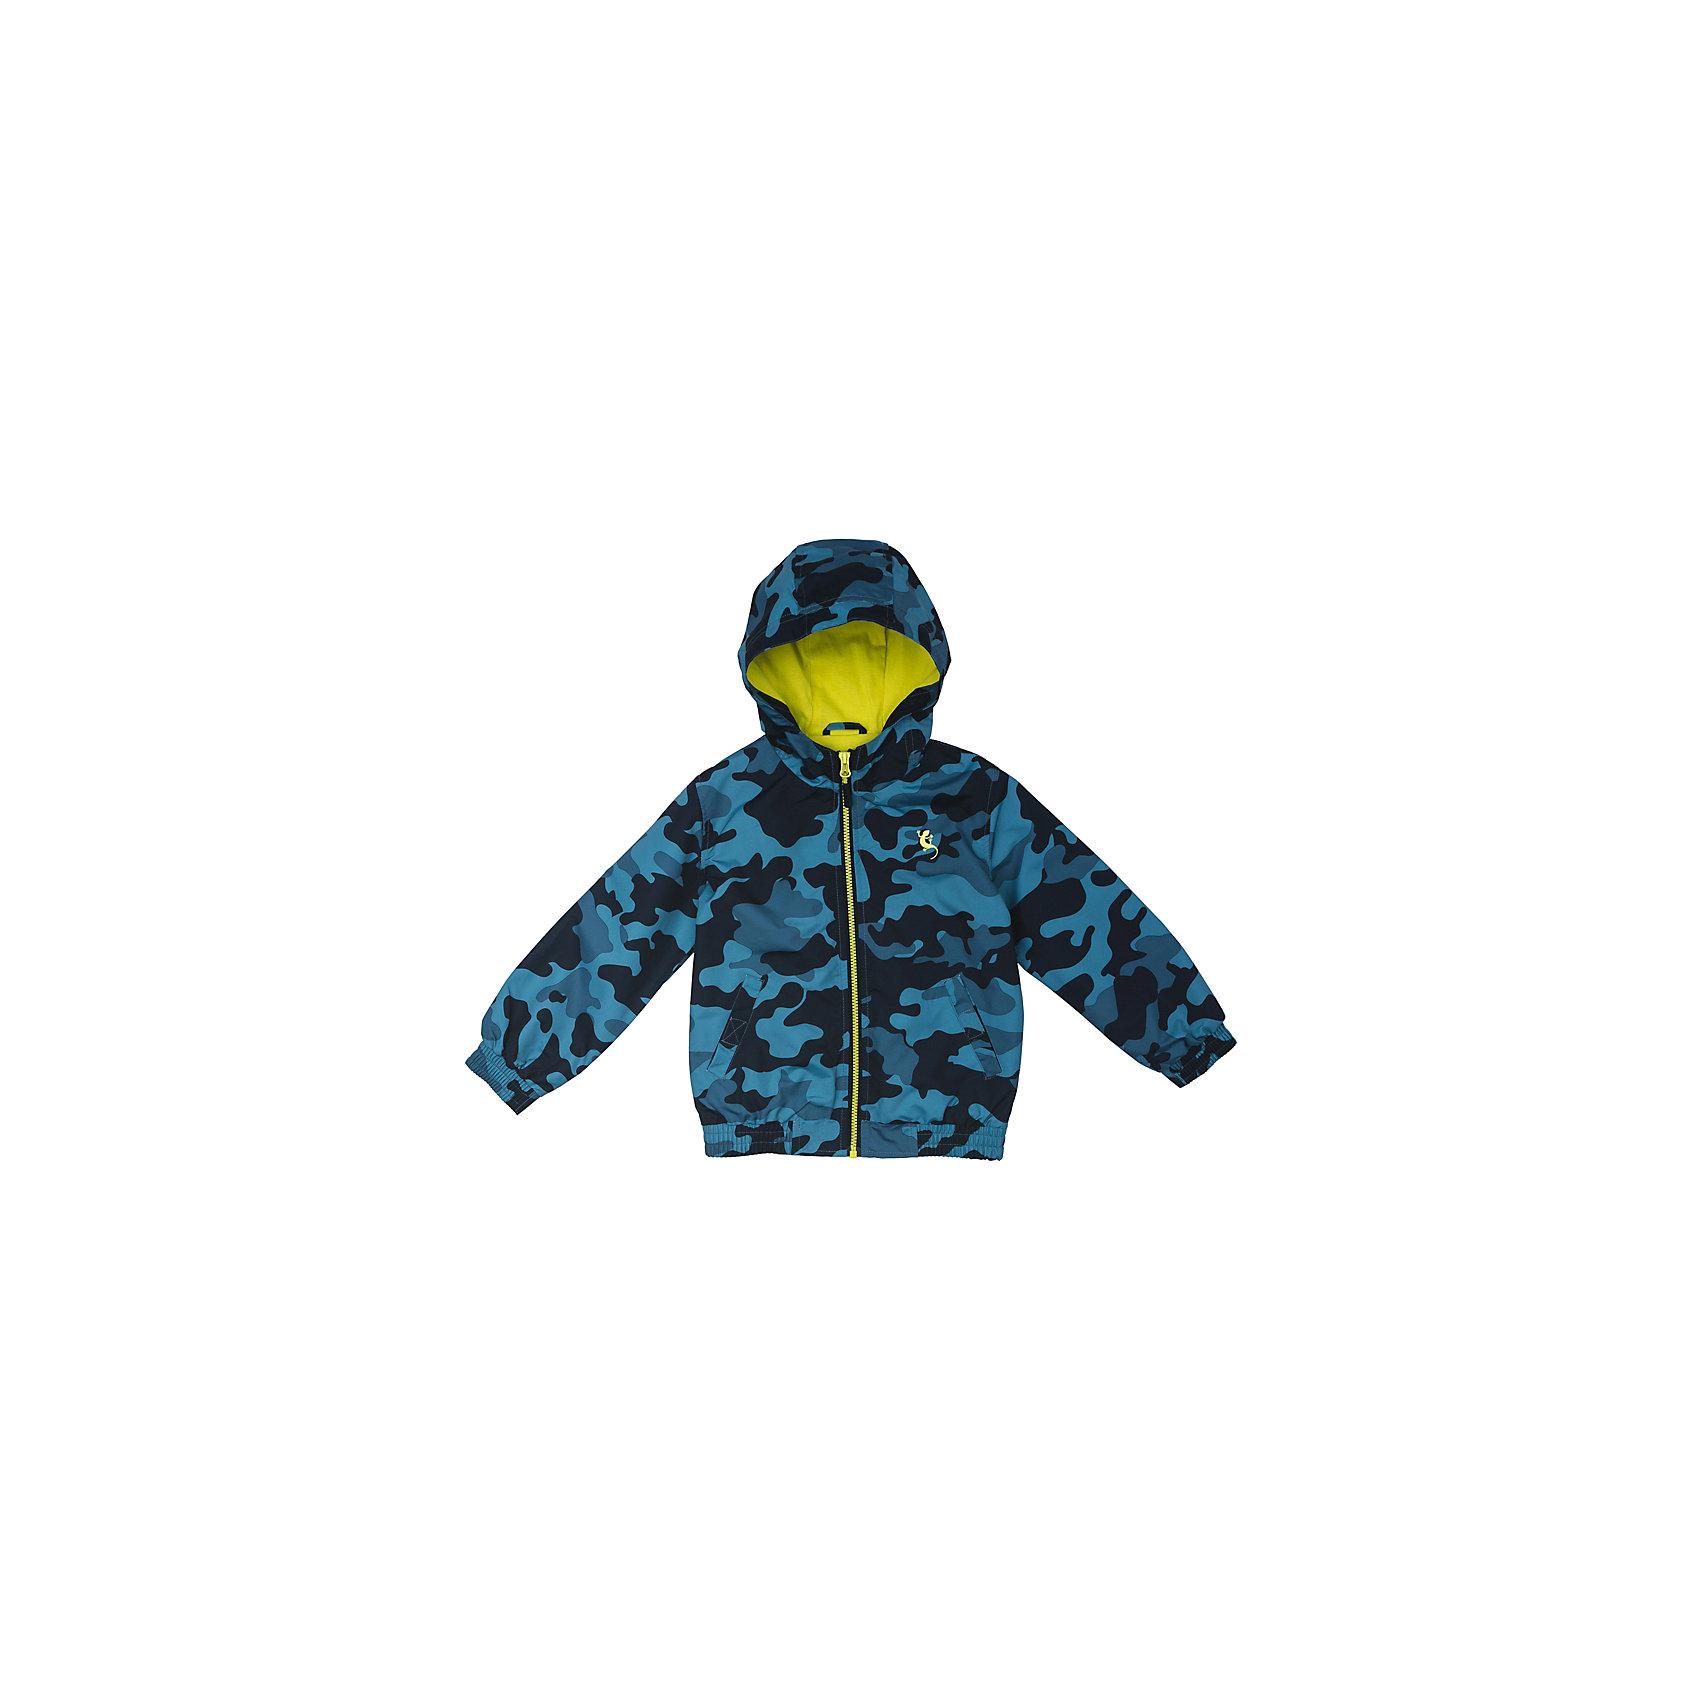 Куртка для мальчика PlayTodayВерхняя одежда<br>Куртка для мальчика PlayToday<br>Практичная куртка расцветки камуфляж со специальной водоотталкивающей пропиткой защитит Вашего ребенка в любую погоду! Мягкие  резинки на рукавах и по низу изделия защитят Вашего ребенка - ветер не сможет проникнуть под куртку.  Модель с резинкой на капюшоне - даже во время активных игр капюшон не упадет с головы ребенка. Светоотражатели на рукаве и по низу изделия - один из гарантов безопасности, ребенок будет виден в темное время суток.Преимущества: Водоооталкивающая тканьМодель с резинкой на капюшоне.Светоотражатели на рукаве и по низу изделия.<br>Состав:<br>Верх: 100% полиэстер, подкладка: 65% полиэстер, 35% хлопок<br><br>Ширина мм: 356<br>Глубина мм: 10<br>Высота мм: 245<br>Вес г: 519<br>Цвет: голубой<br>Возраст от месяцев: 24<br>Возраст до месяцев: 36<br>Пол: Мужской<br>Возраст: Детский<br>Размер: 98,128,122,116,110,104<br>SKU: 5403186